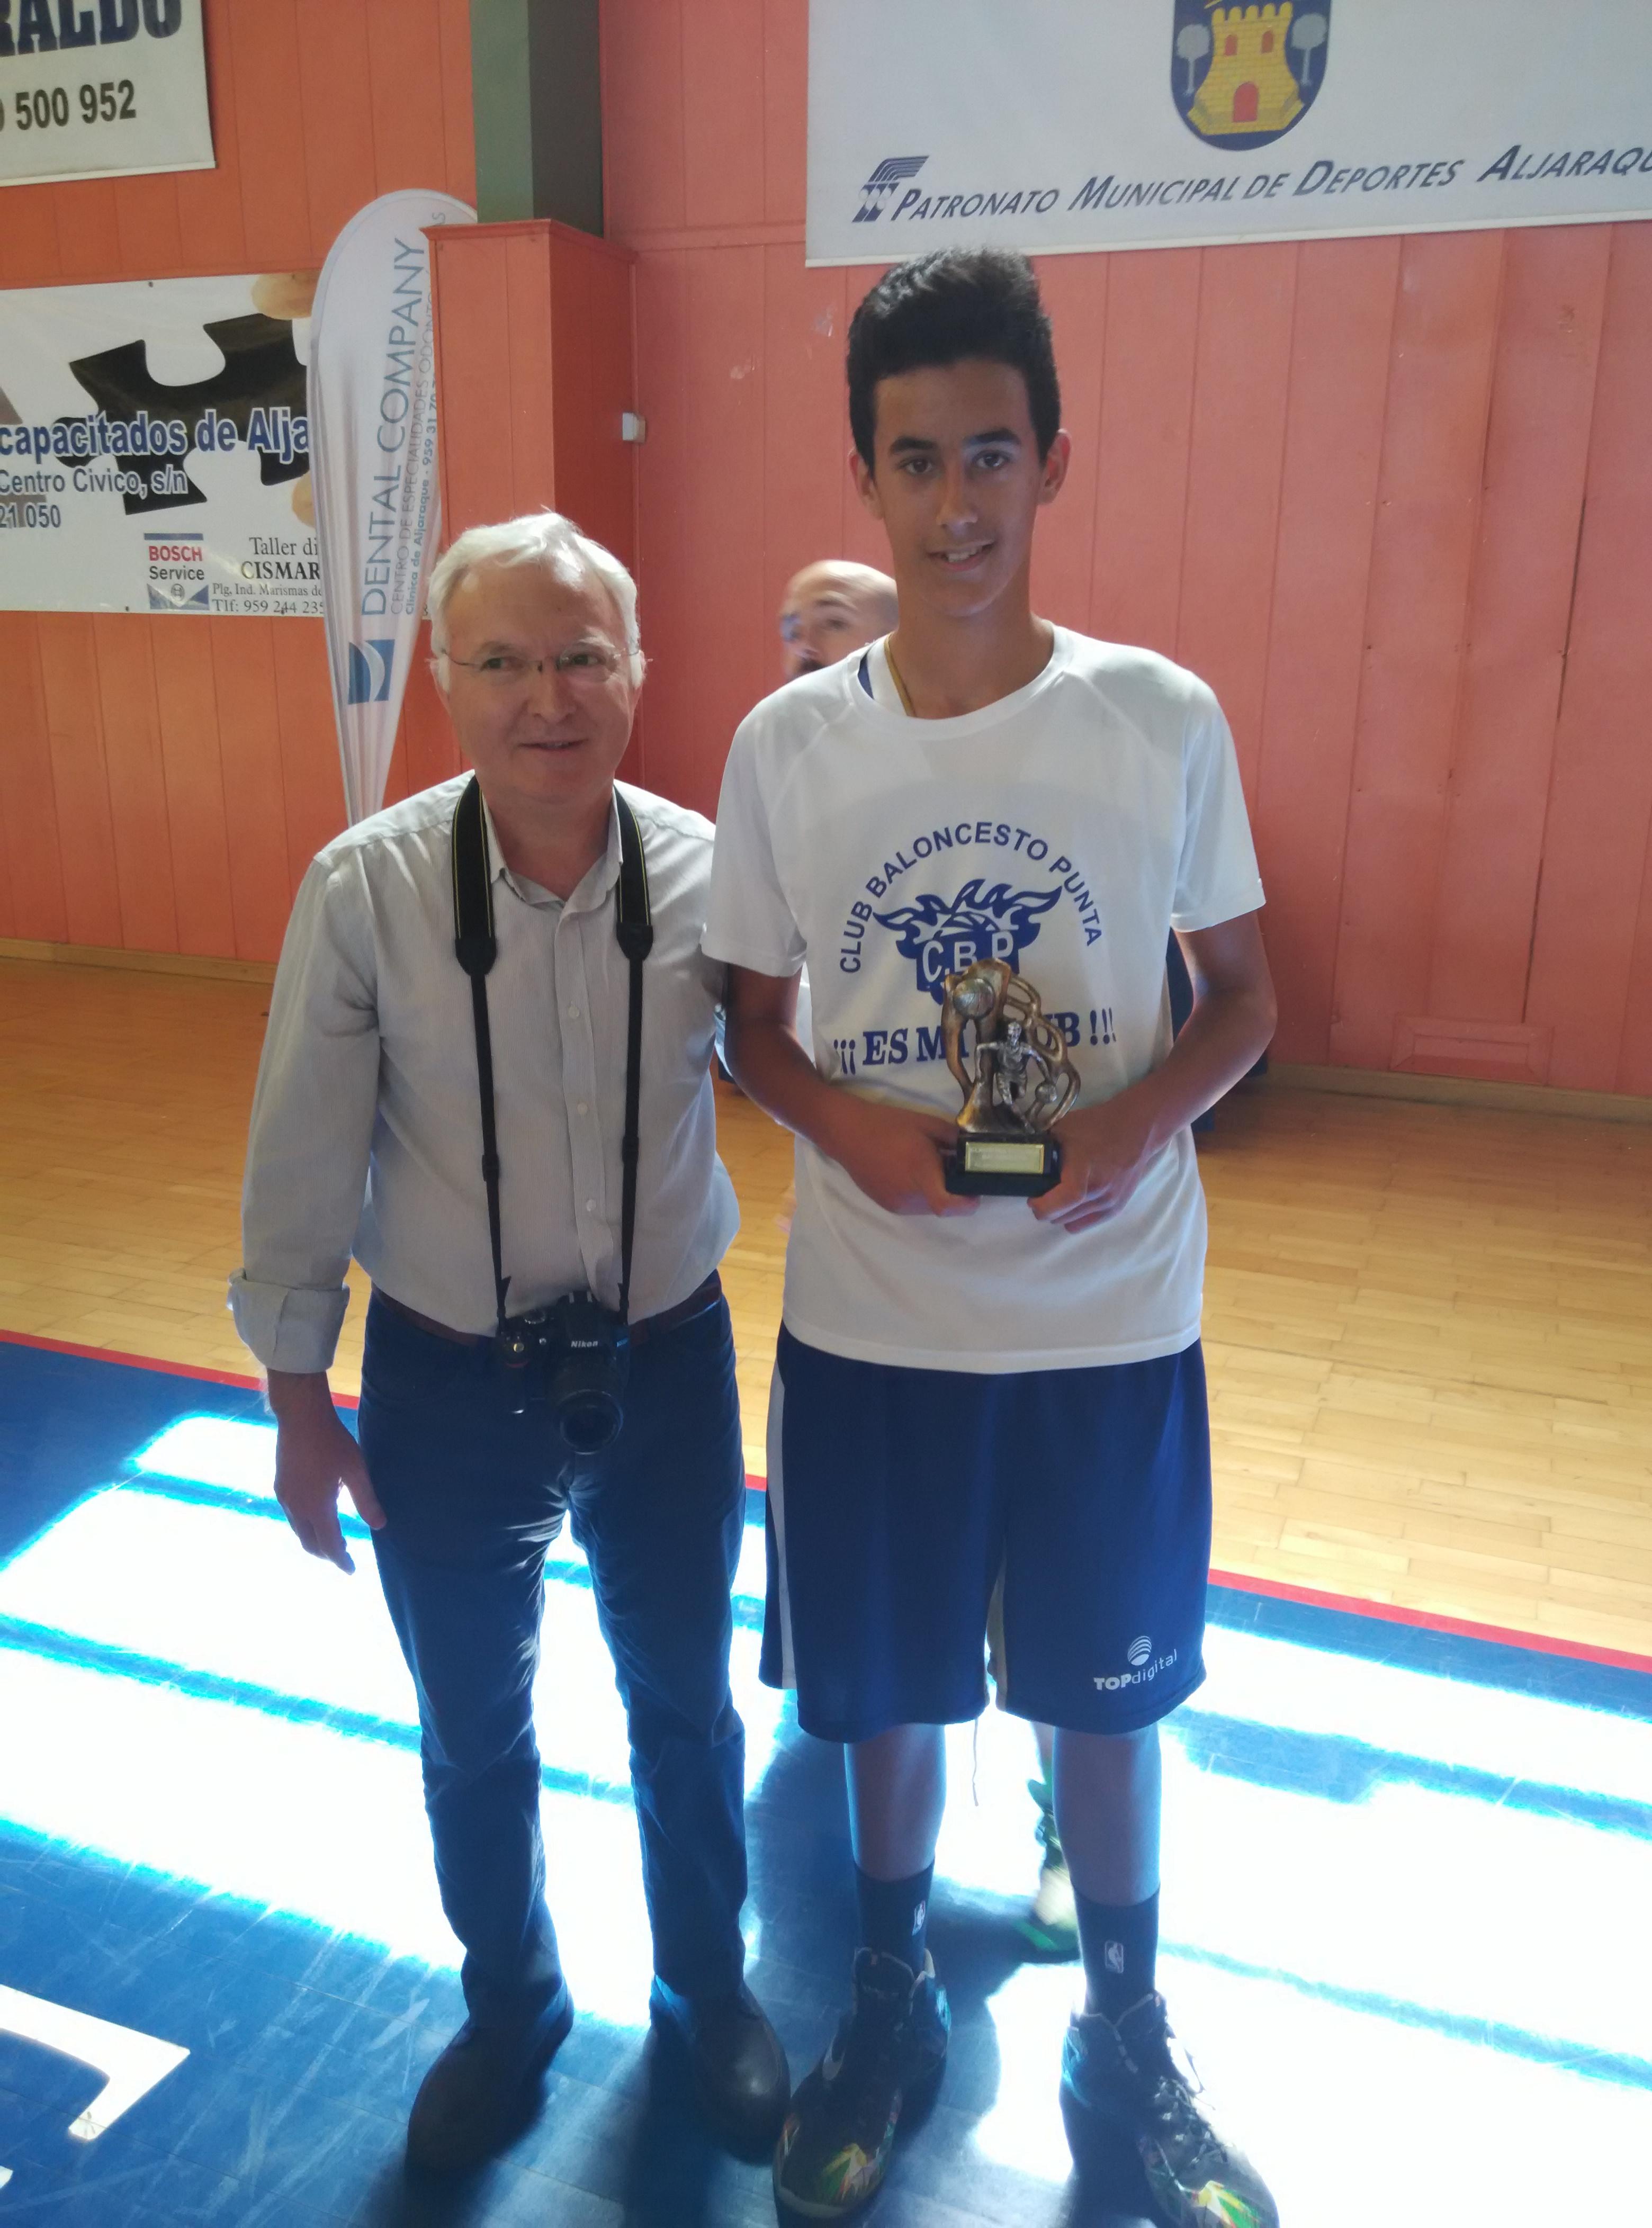 torneo cadete alajaraque. smd pu contra aljaraque 14-15